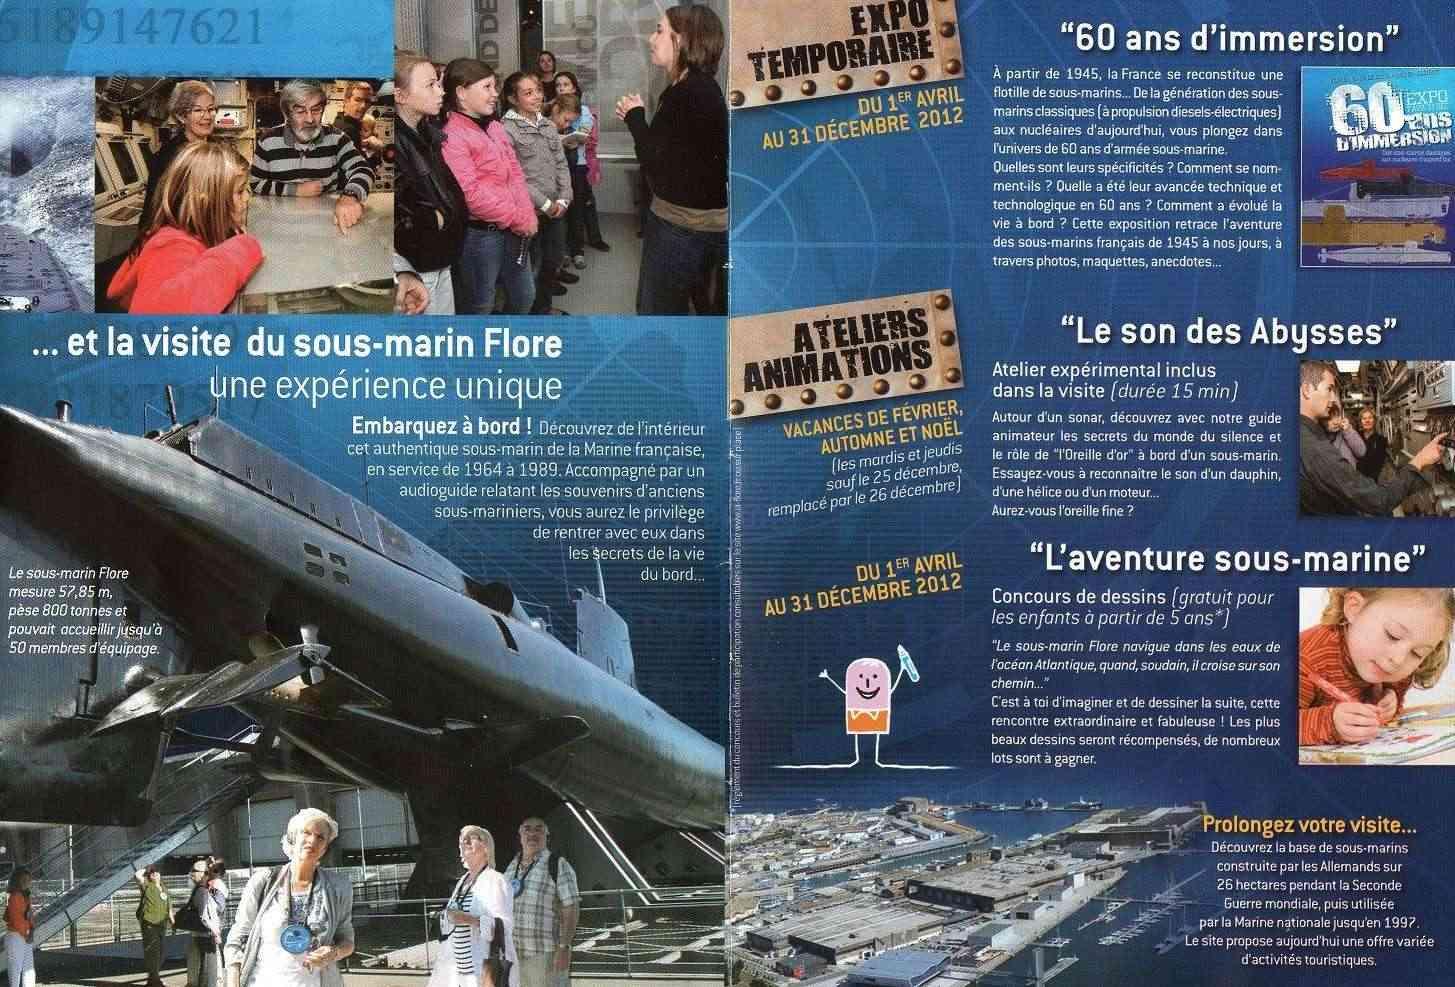 [Les Musées en rapport avec la Marine] Sous-Marin  Flore - Page 11 Img01310